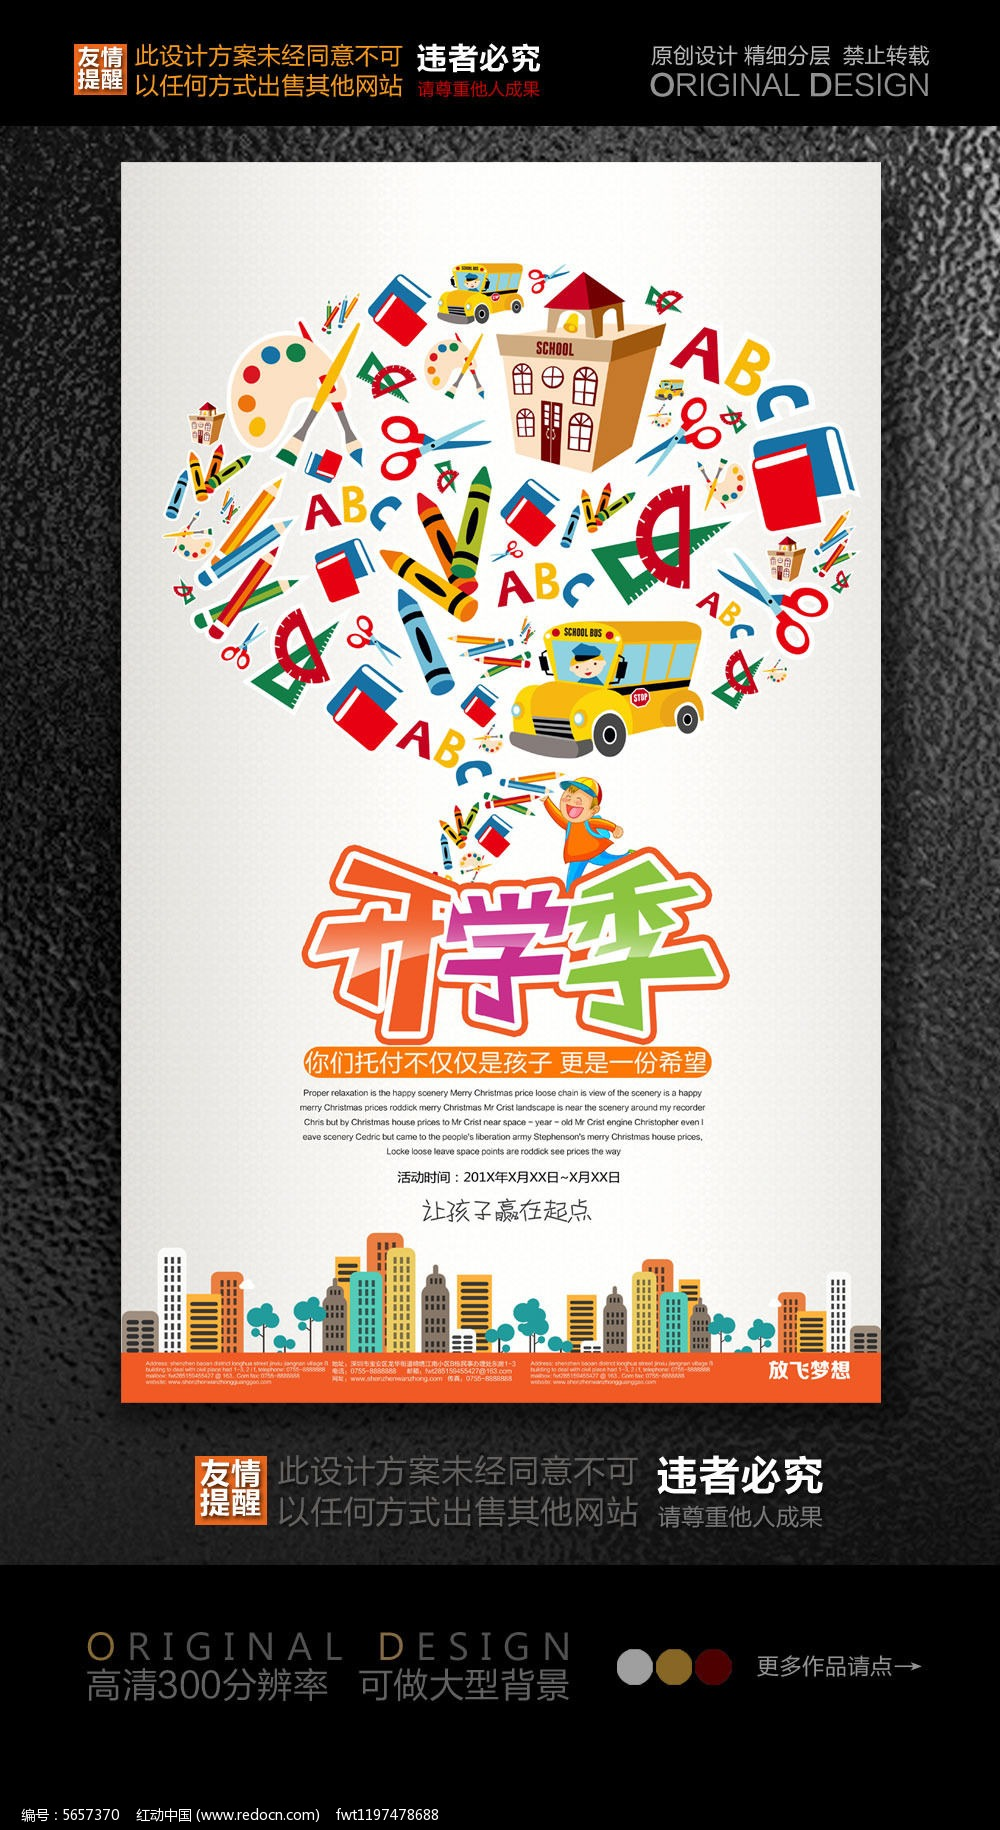 数学用品促销海报psd素材下载_海报设计图片图片